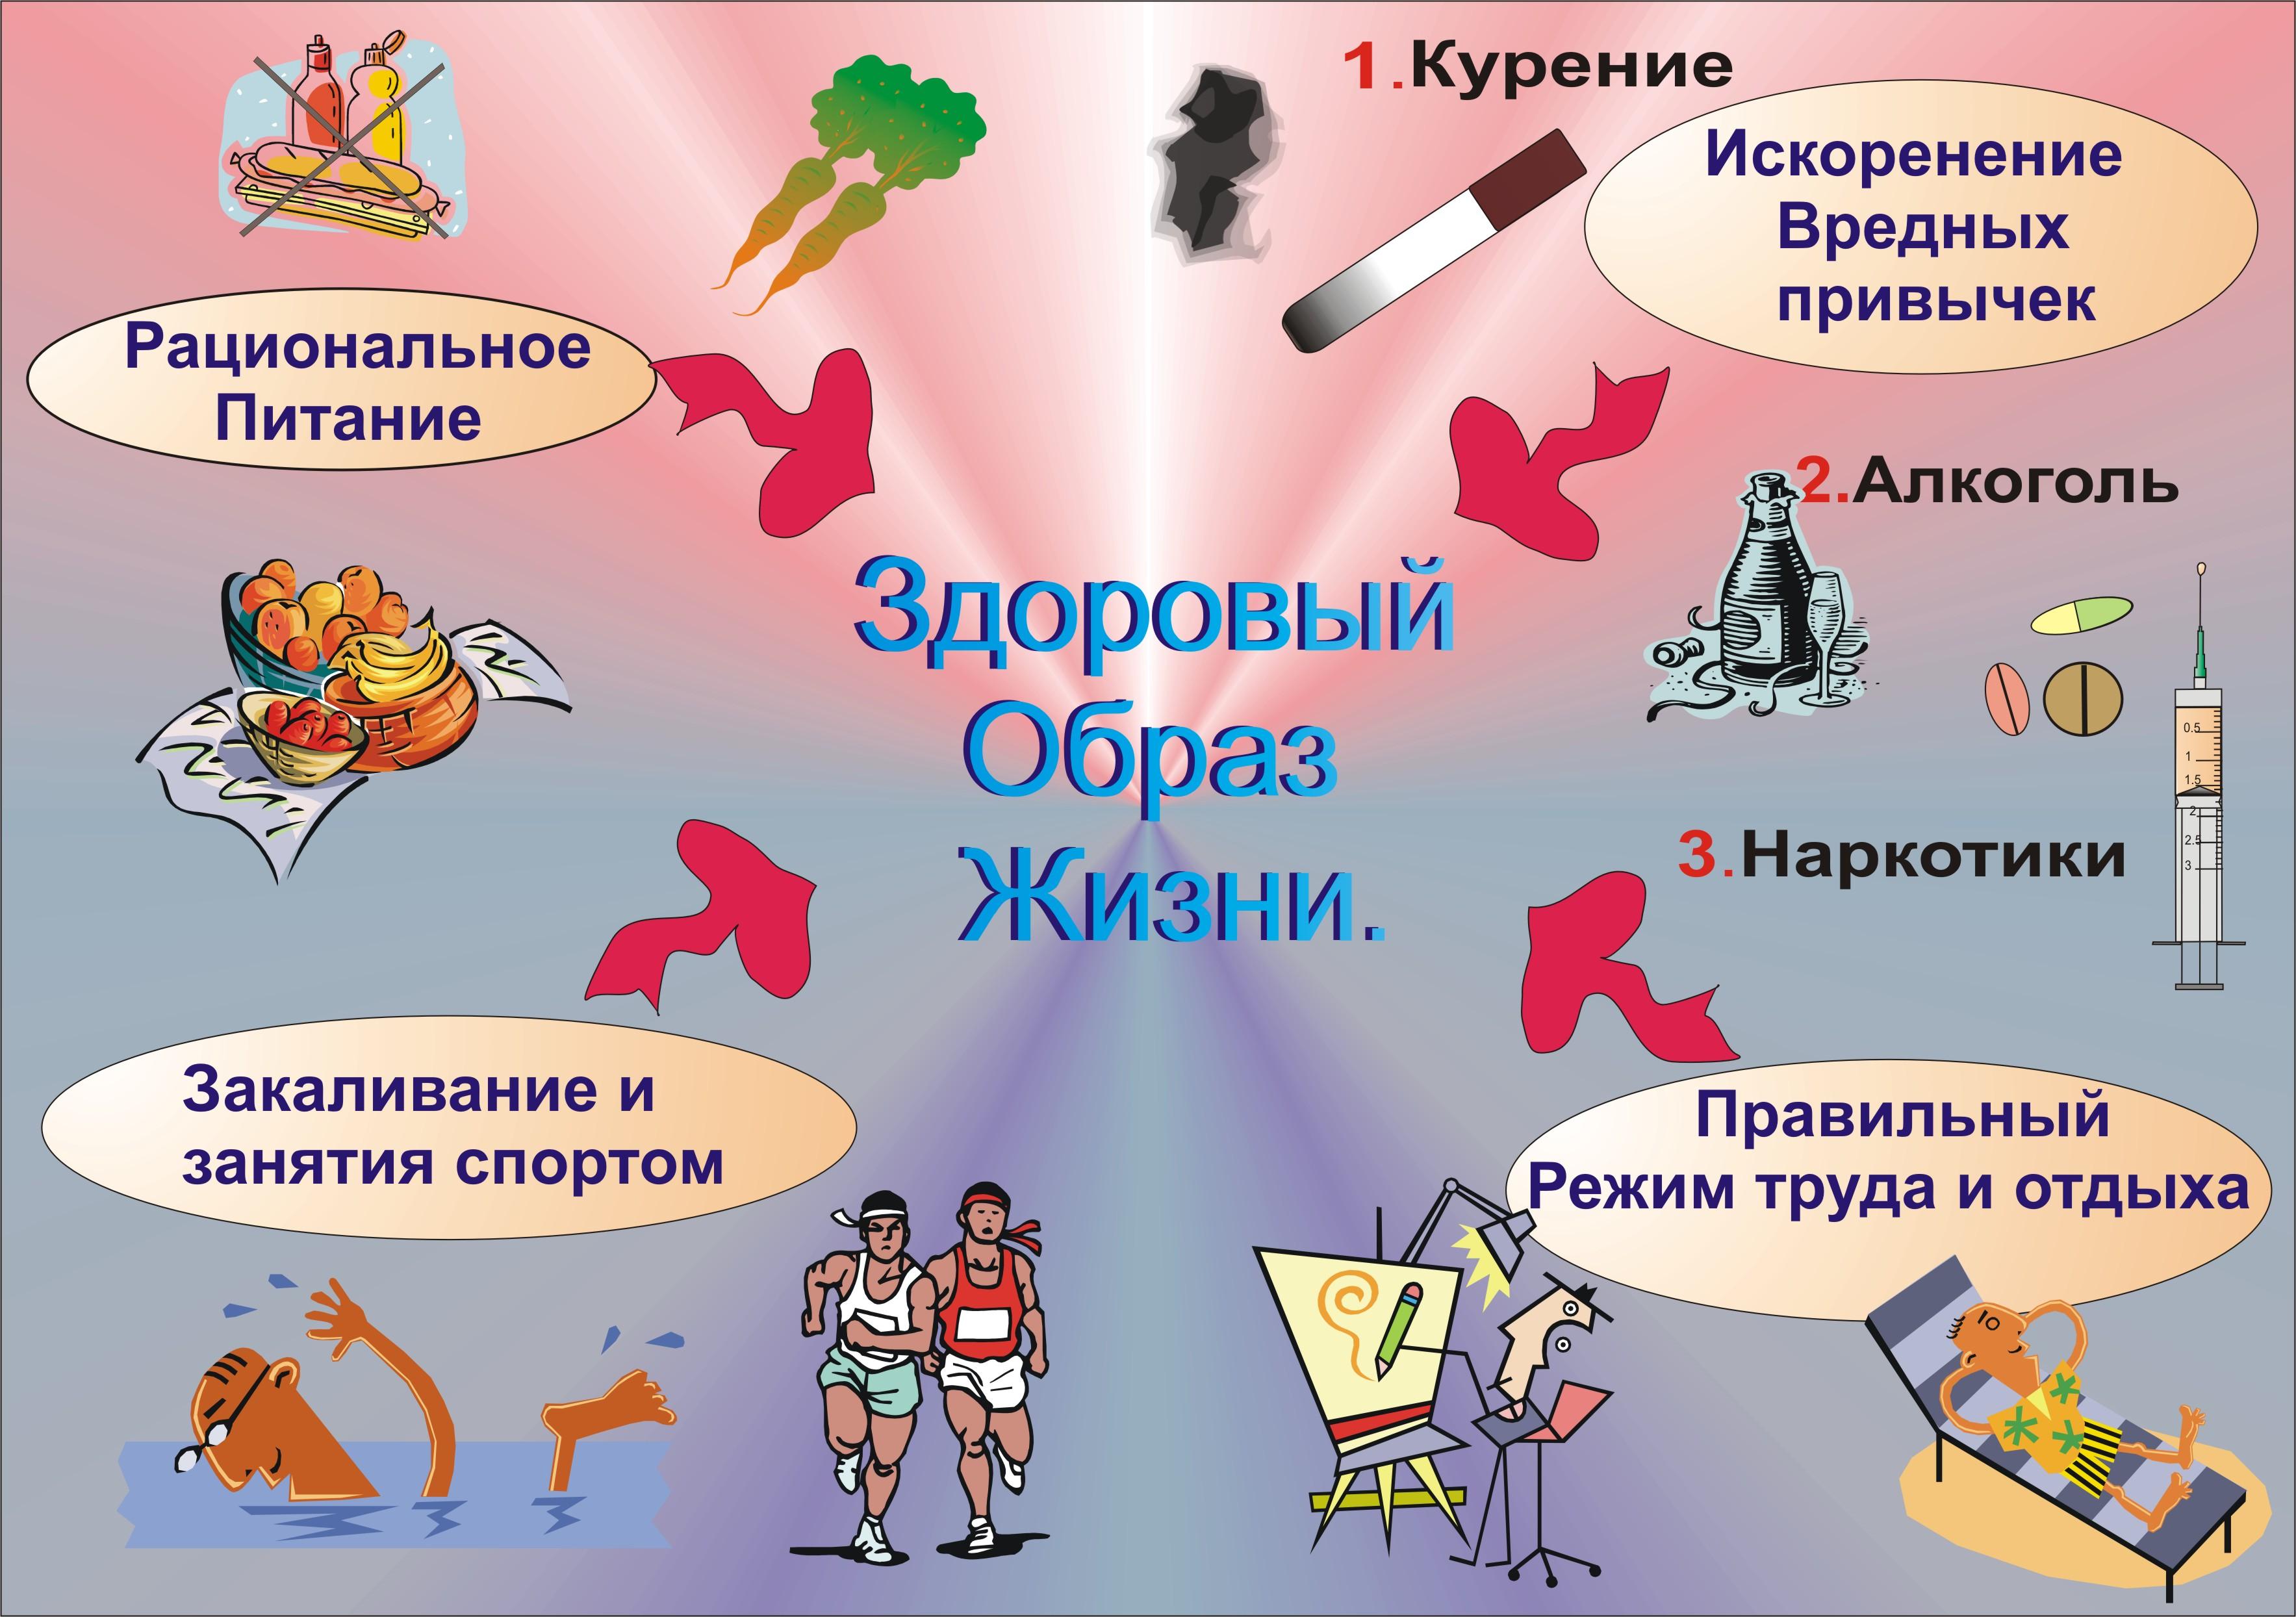 тема игра здоровый образ жизни